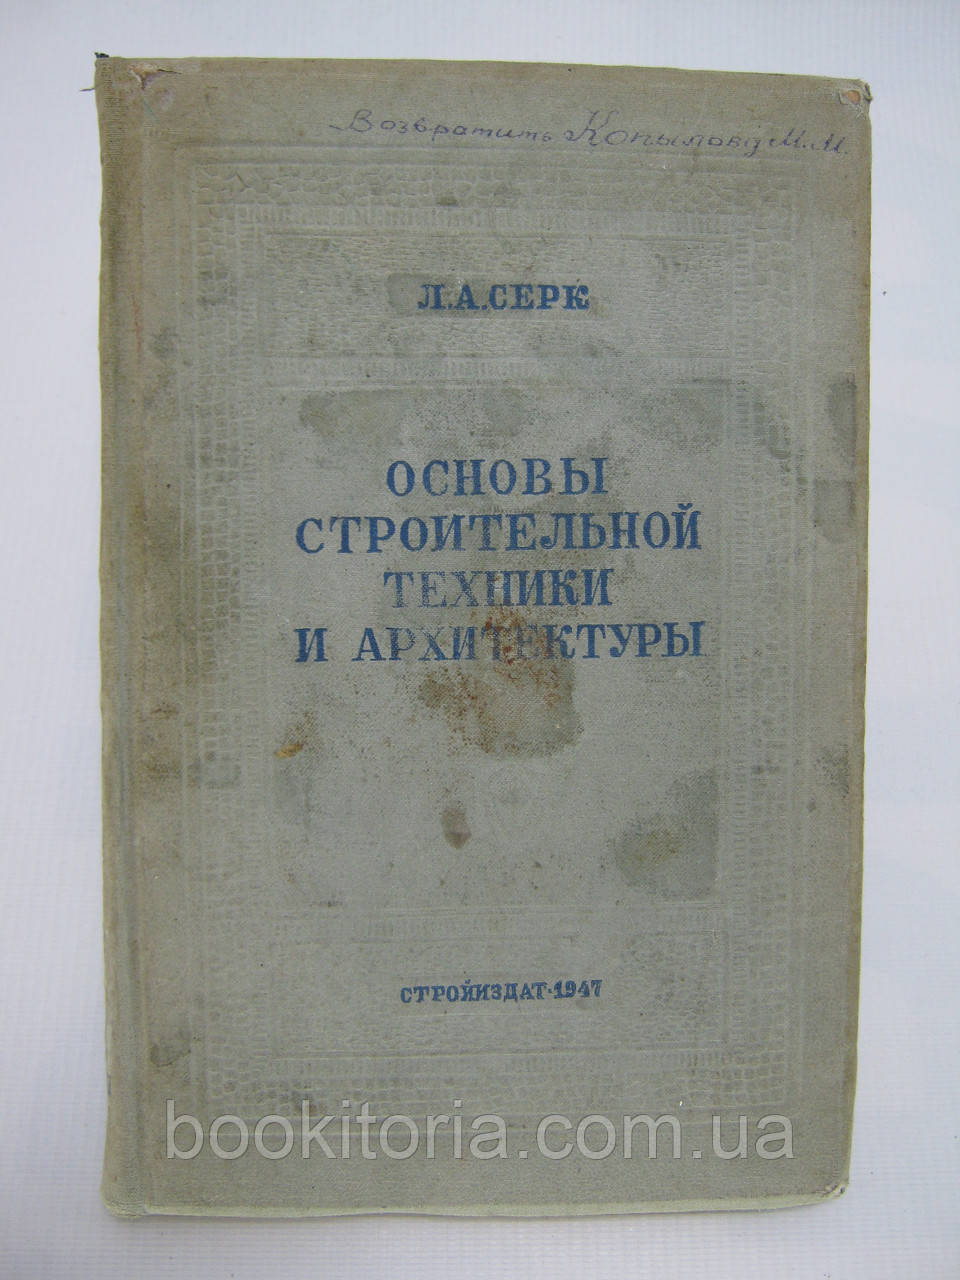 Серк Л.А. Основы строительной техники и архитектуры (б/у).